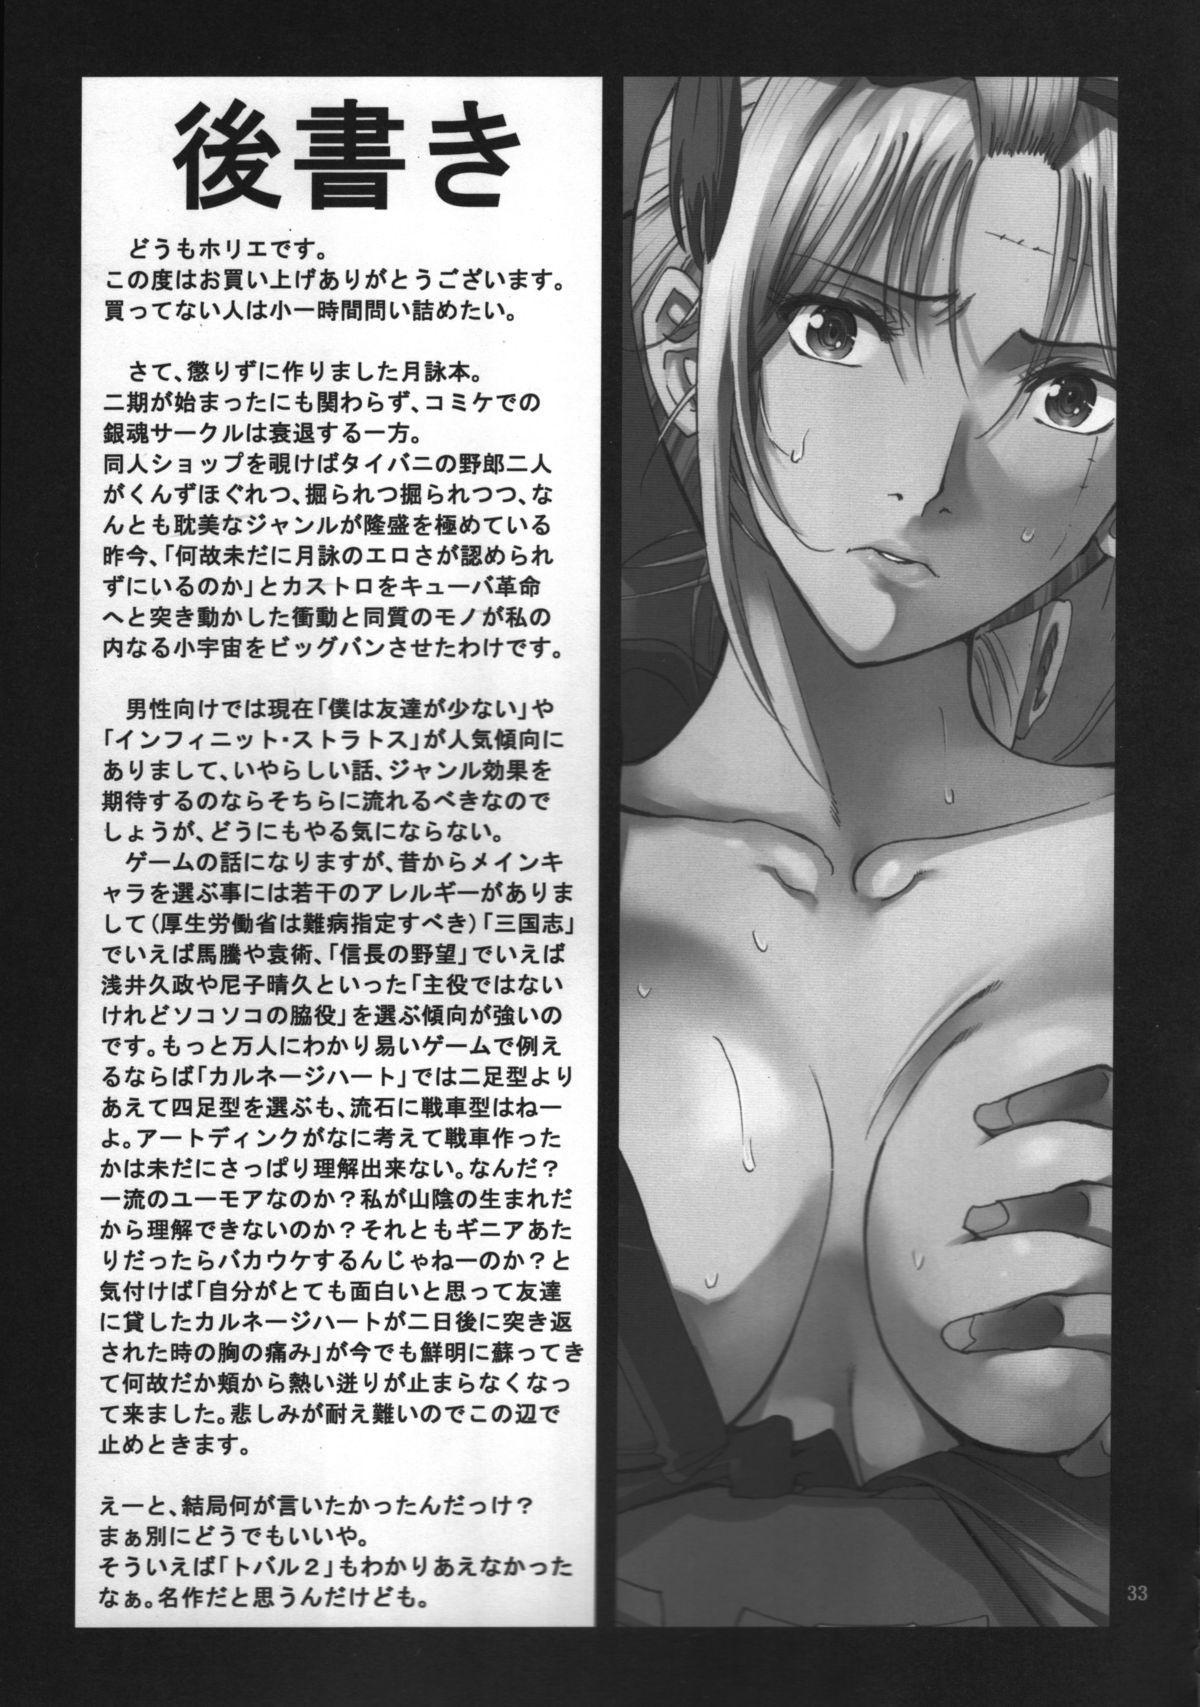 Tsukuyo-san ga Iyarashii Koto o Sarete Shimau Hanashi 2 31